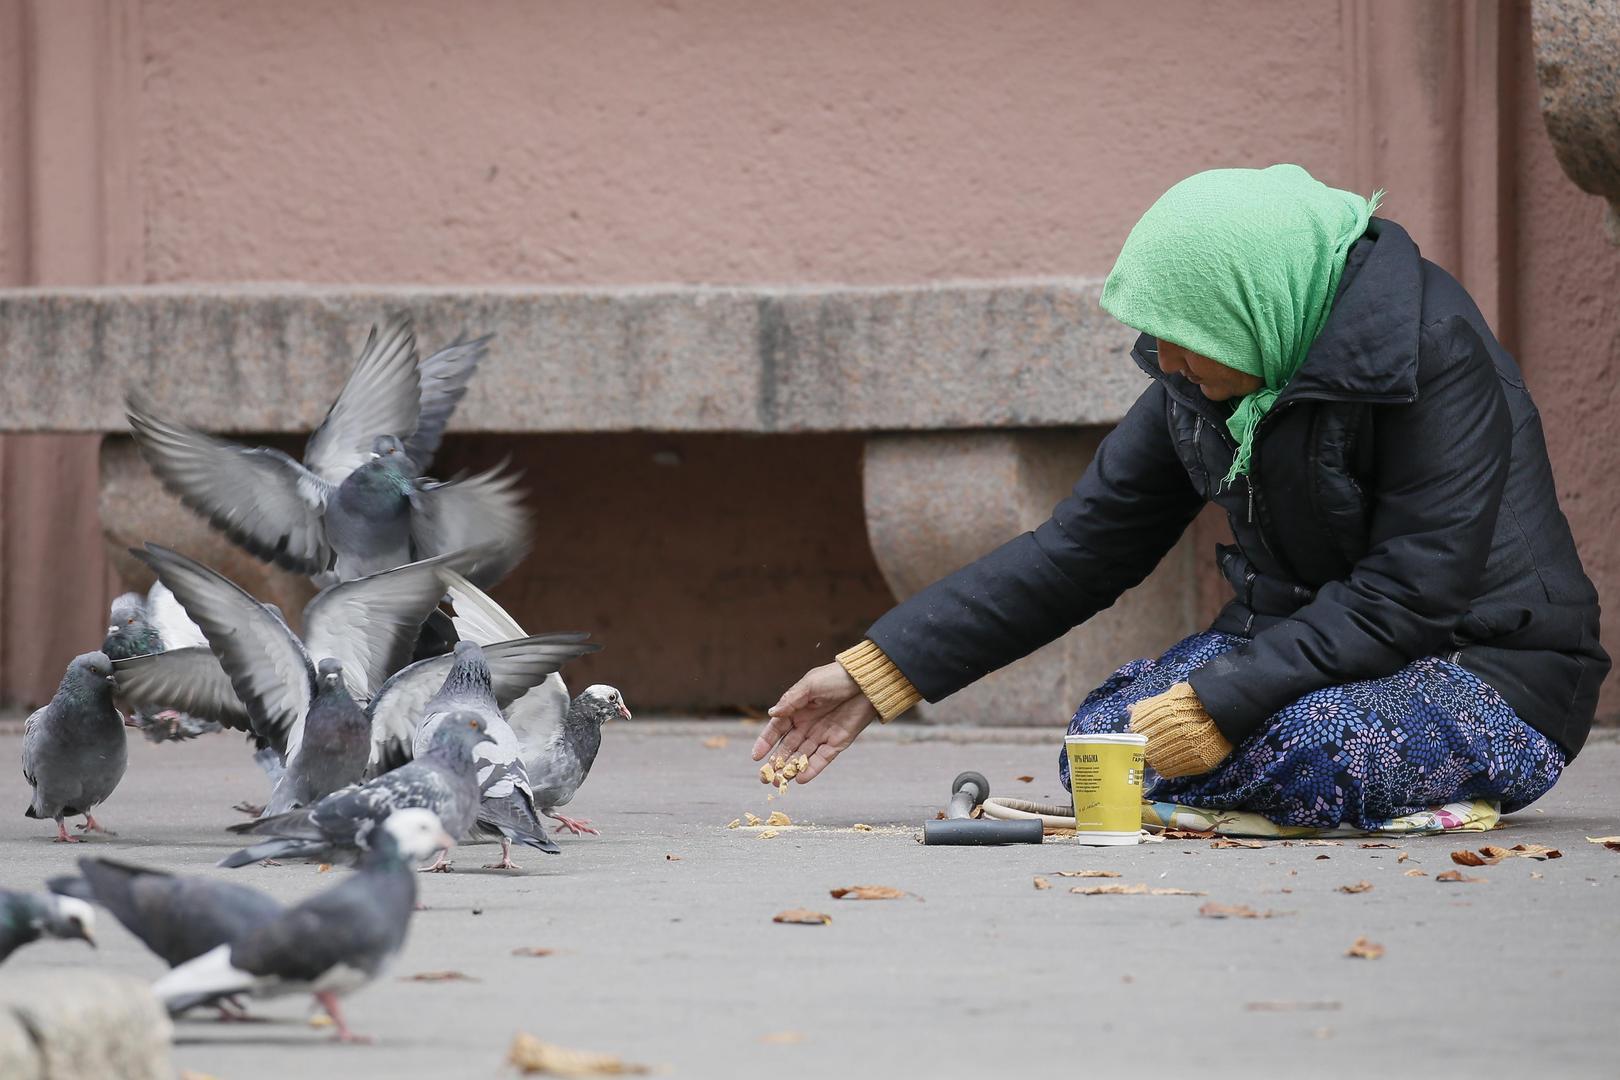 Причина бедности украинцев заключается в их доминирующей крестьянской традиционной культуре